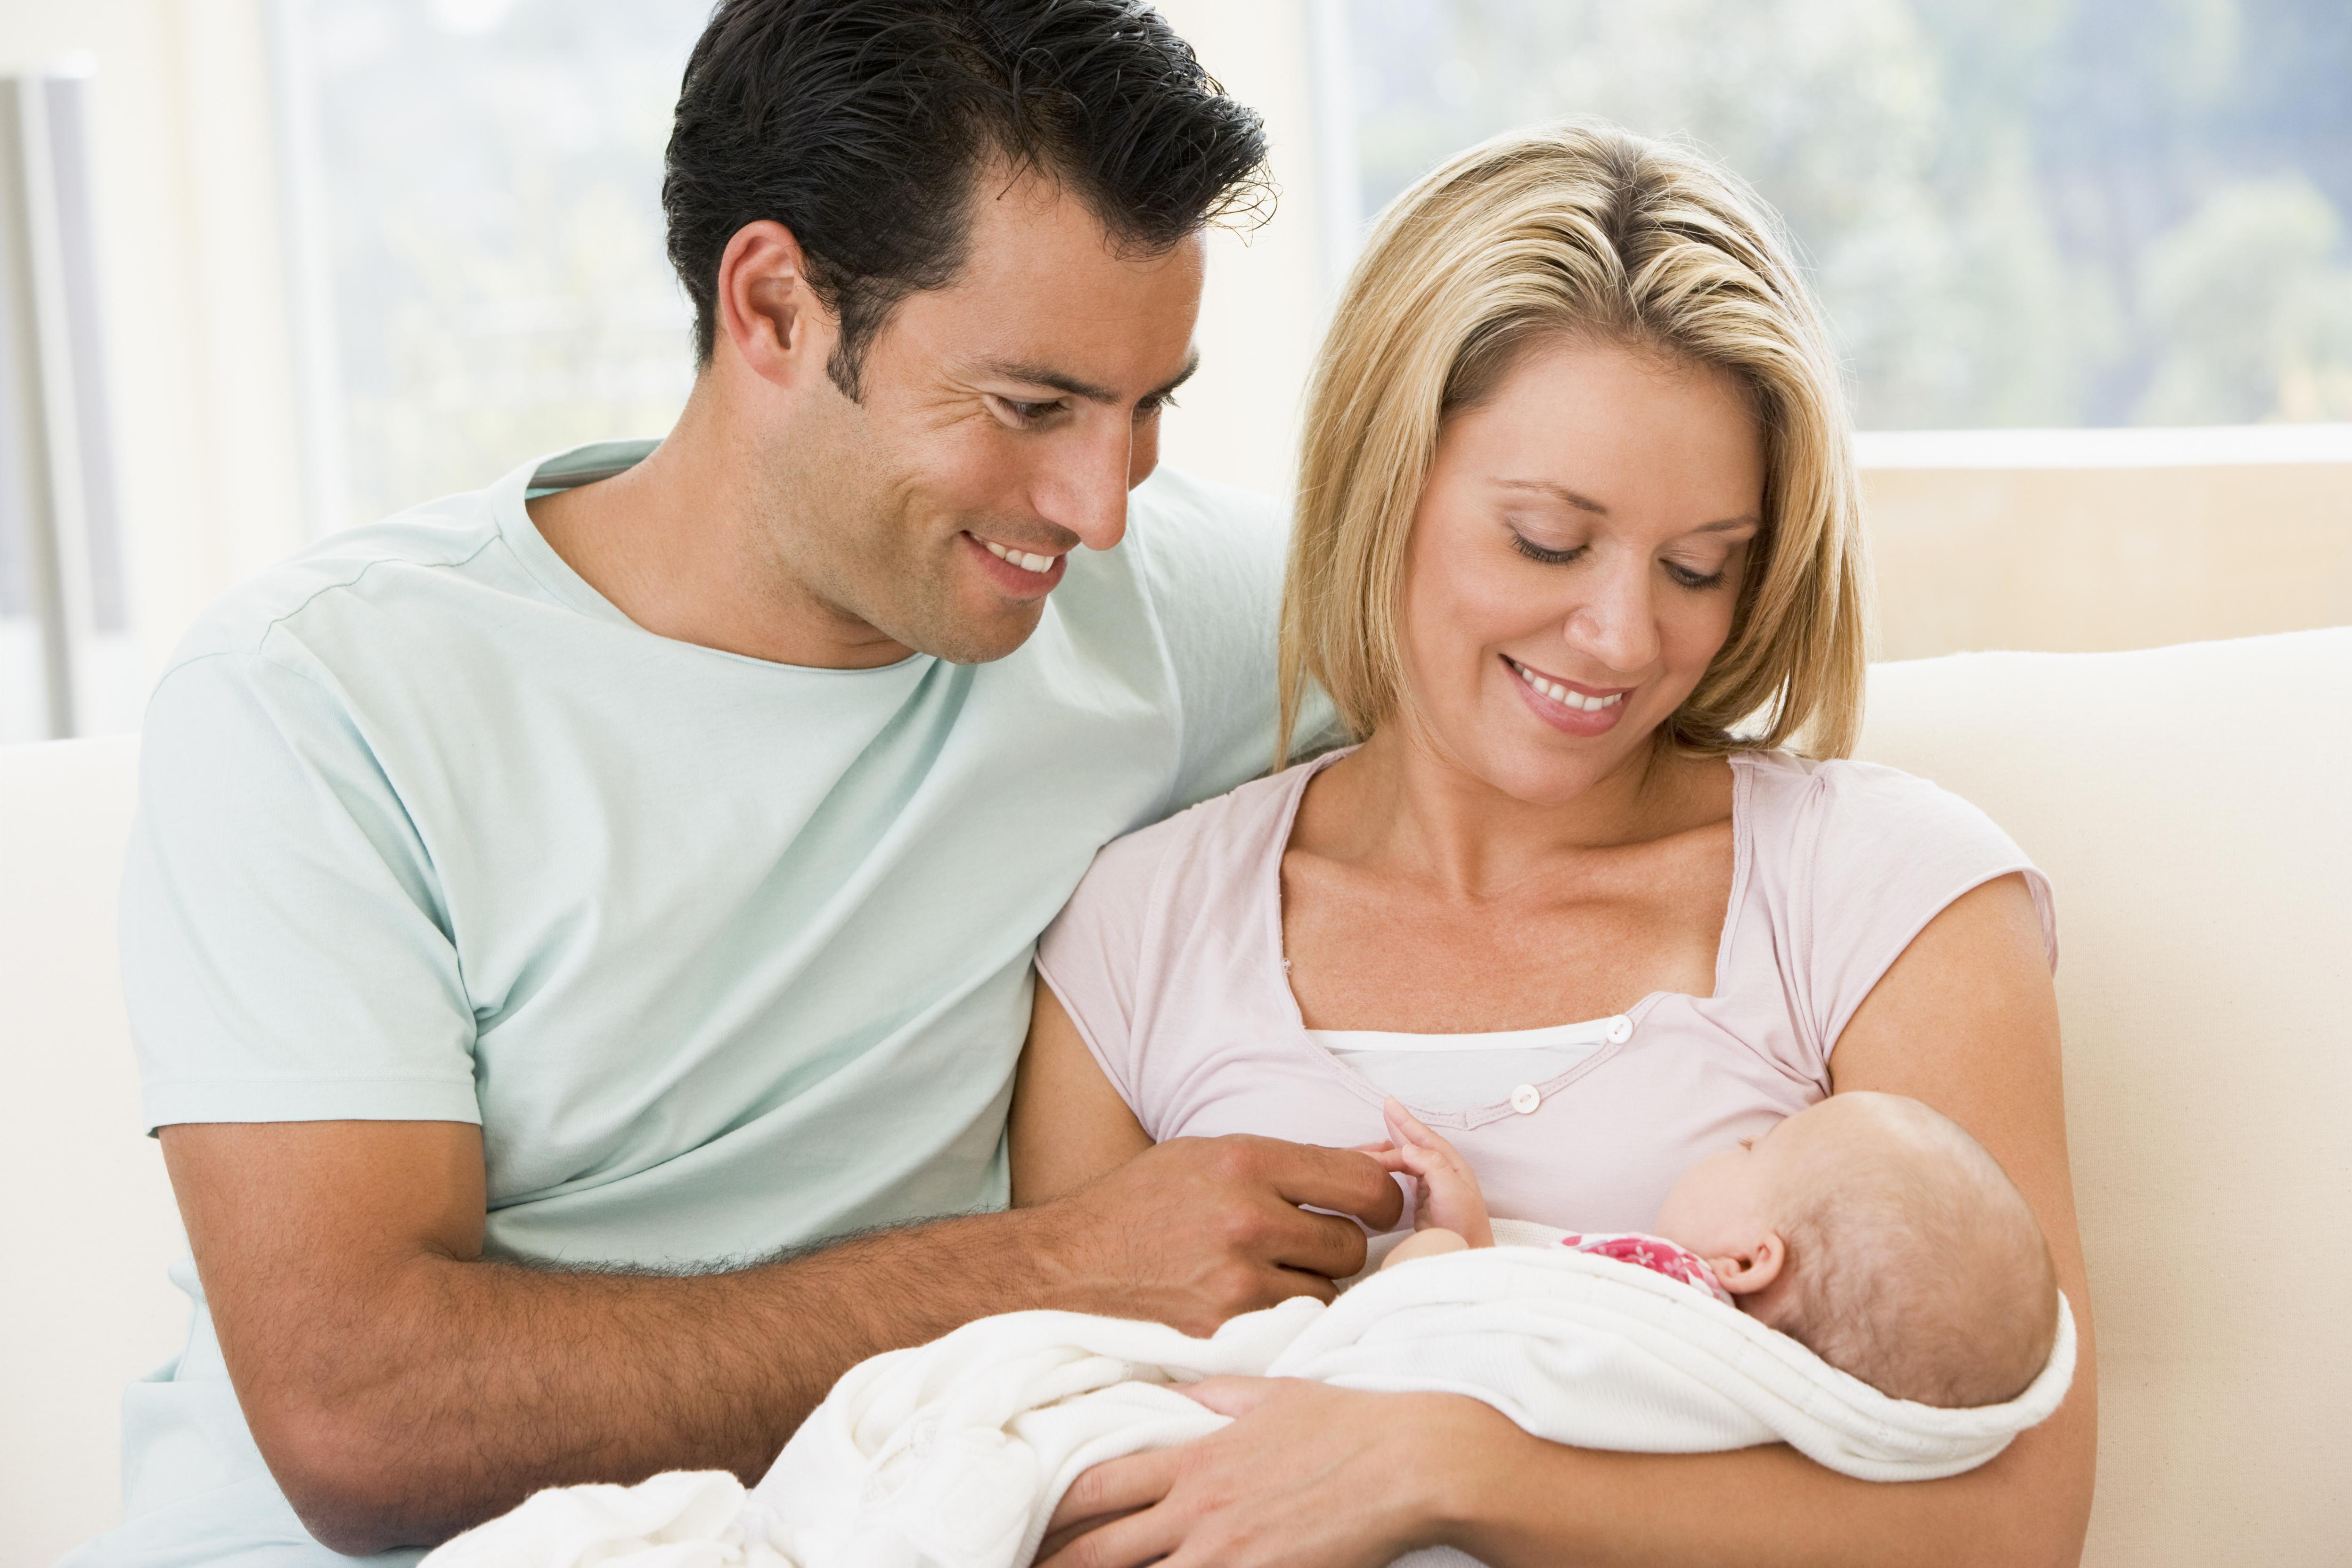 Фото жени и ребенка